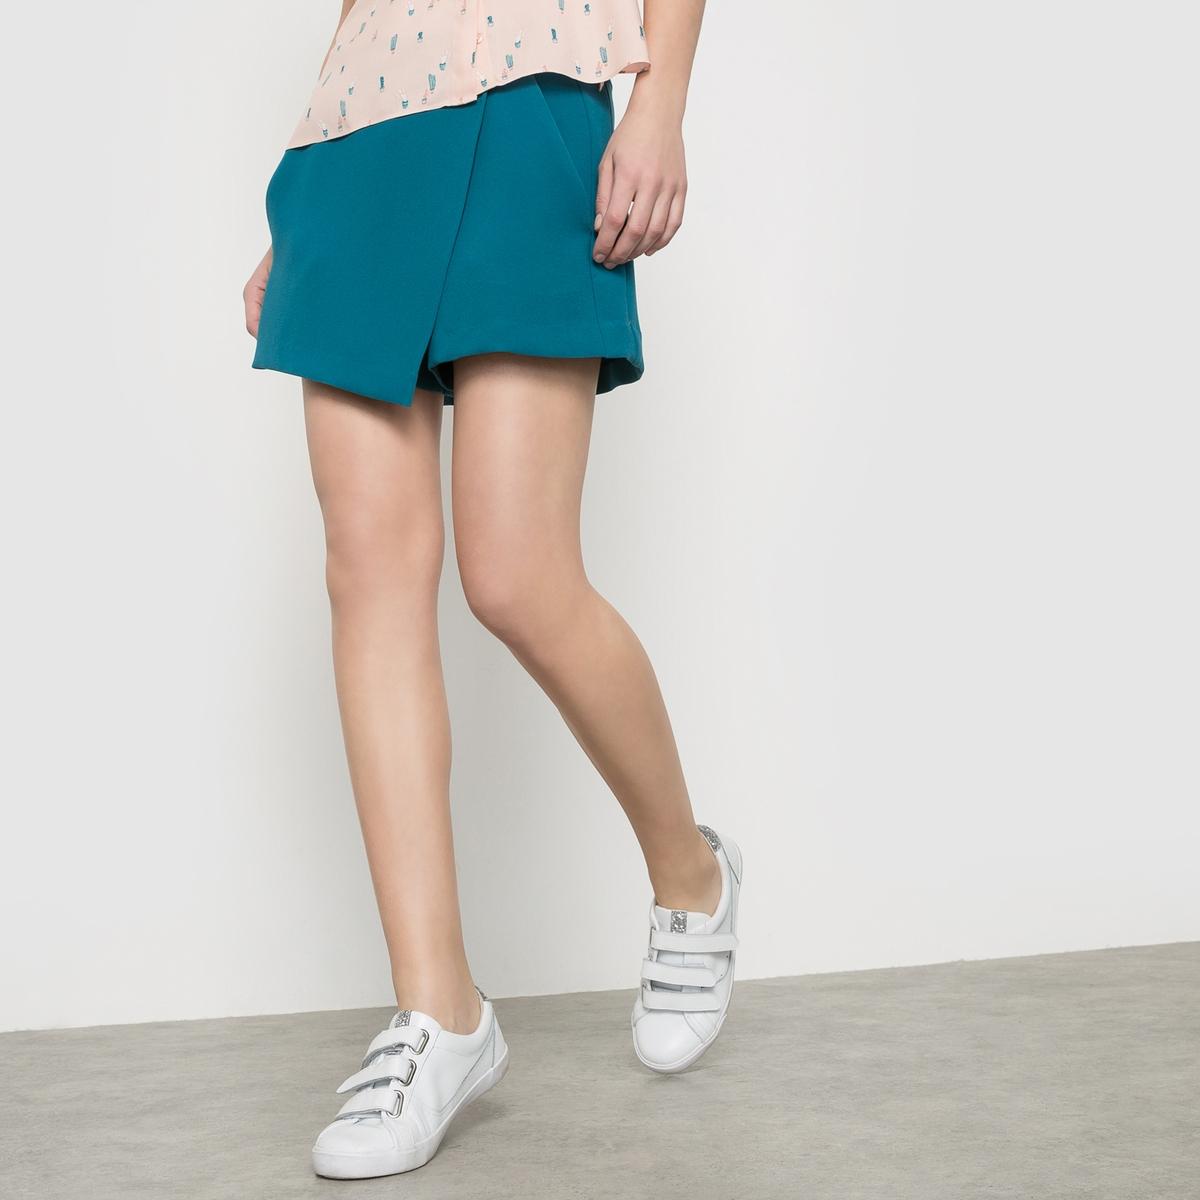 Шорты IMPULSIONШорты с эффектом юбки. Карманы по бокам. Застежка на молнию. Состав и описаниеМатериал: 100% полиэстера.Длина: 37 см.Марка: KARL MARC JOHN.УходМашинная стирка при 30°C с одеждой подобных цветов.<br><br>Цвет: сине-зеленый,черный<br>Размер: L